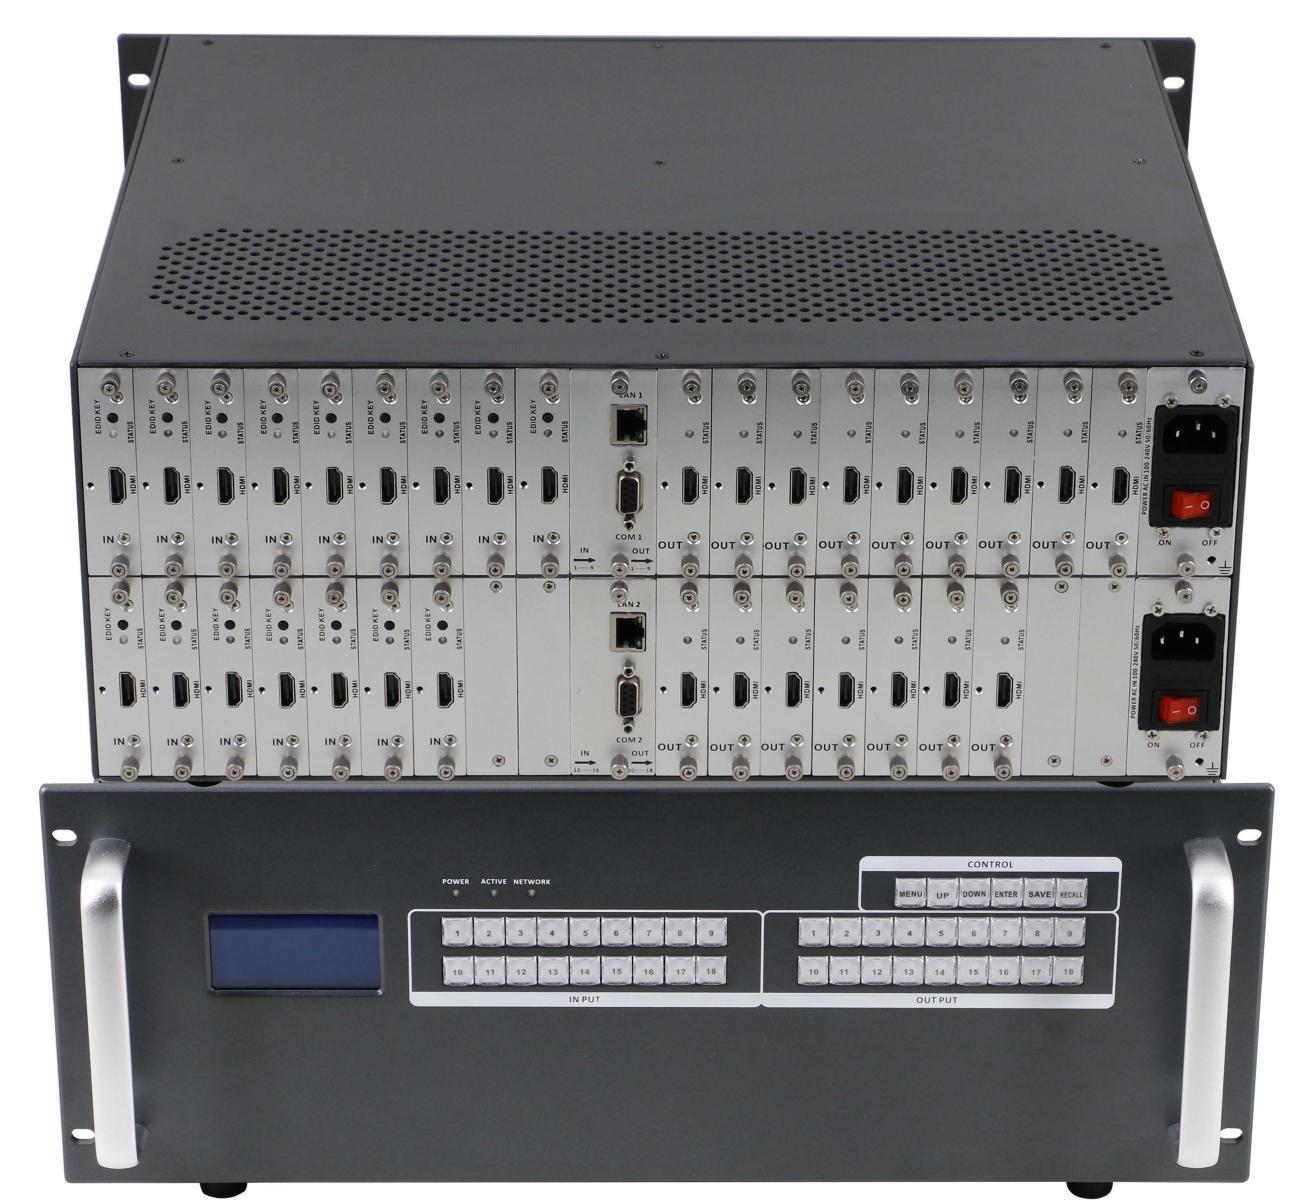 Матричный коммутатор 18 x 18 модульный с поддержкой 4K и бесподрывной коммутацией MM-1800 купить заказать